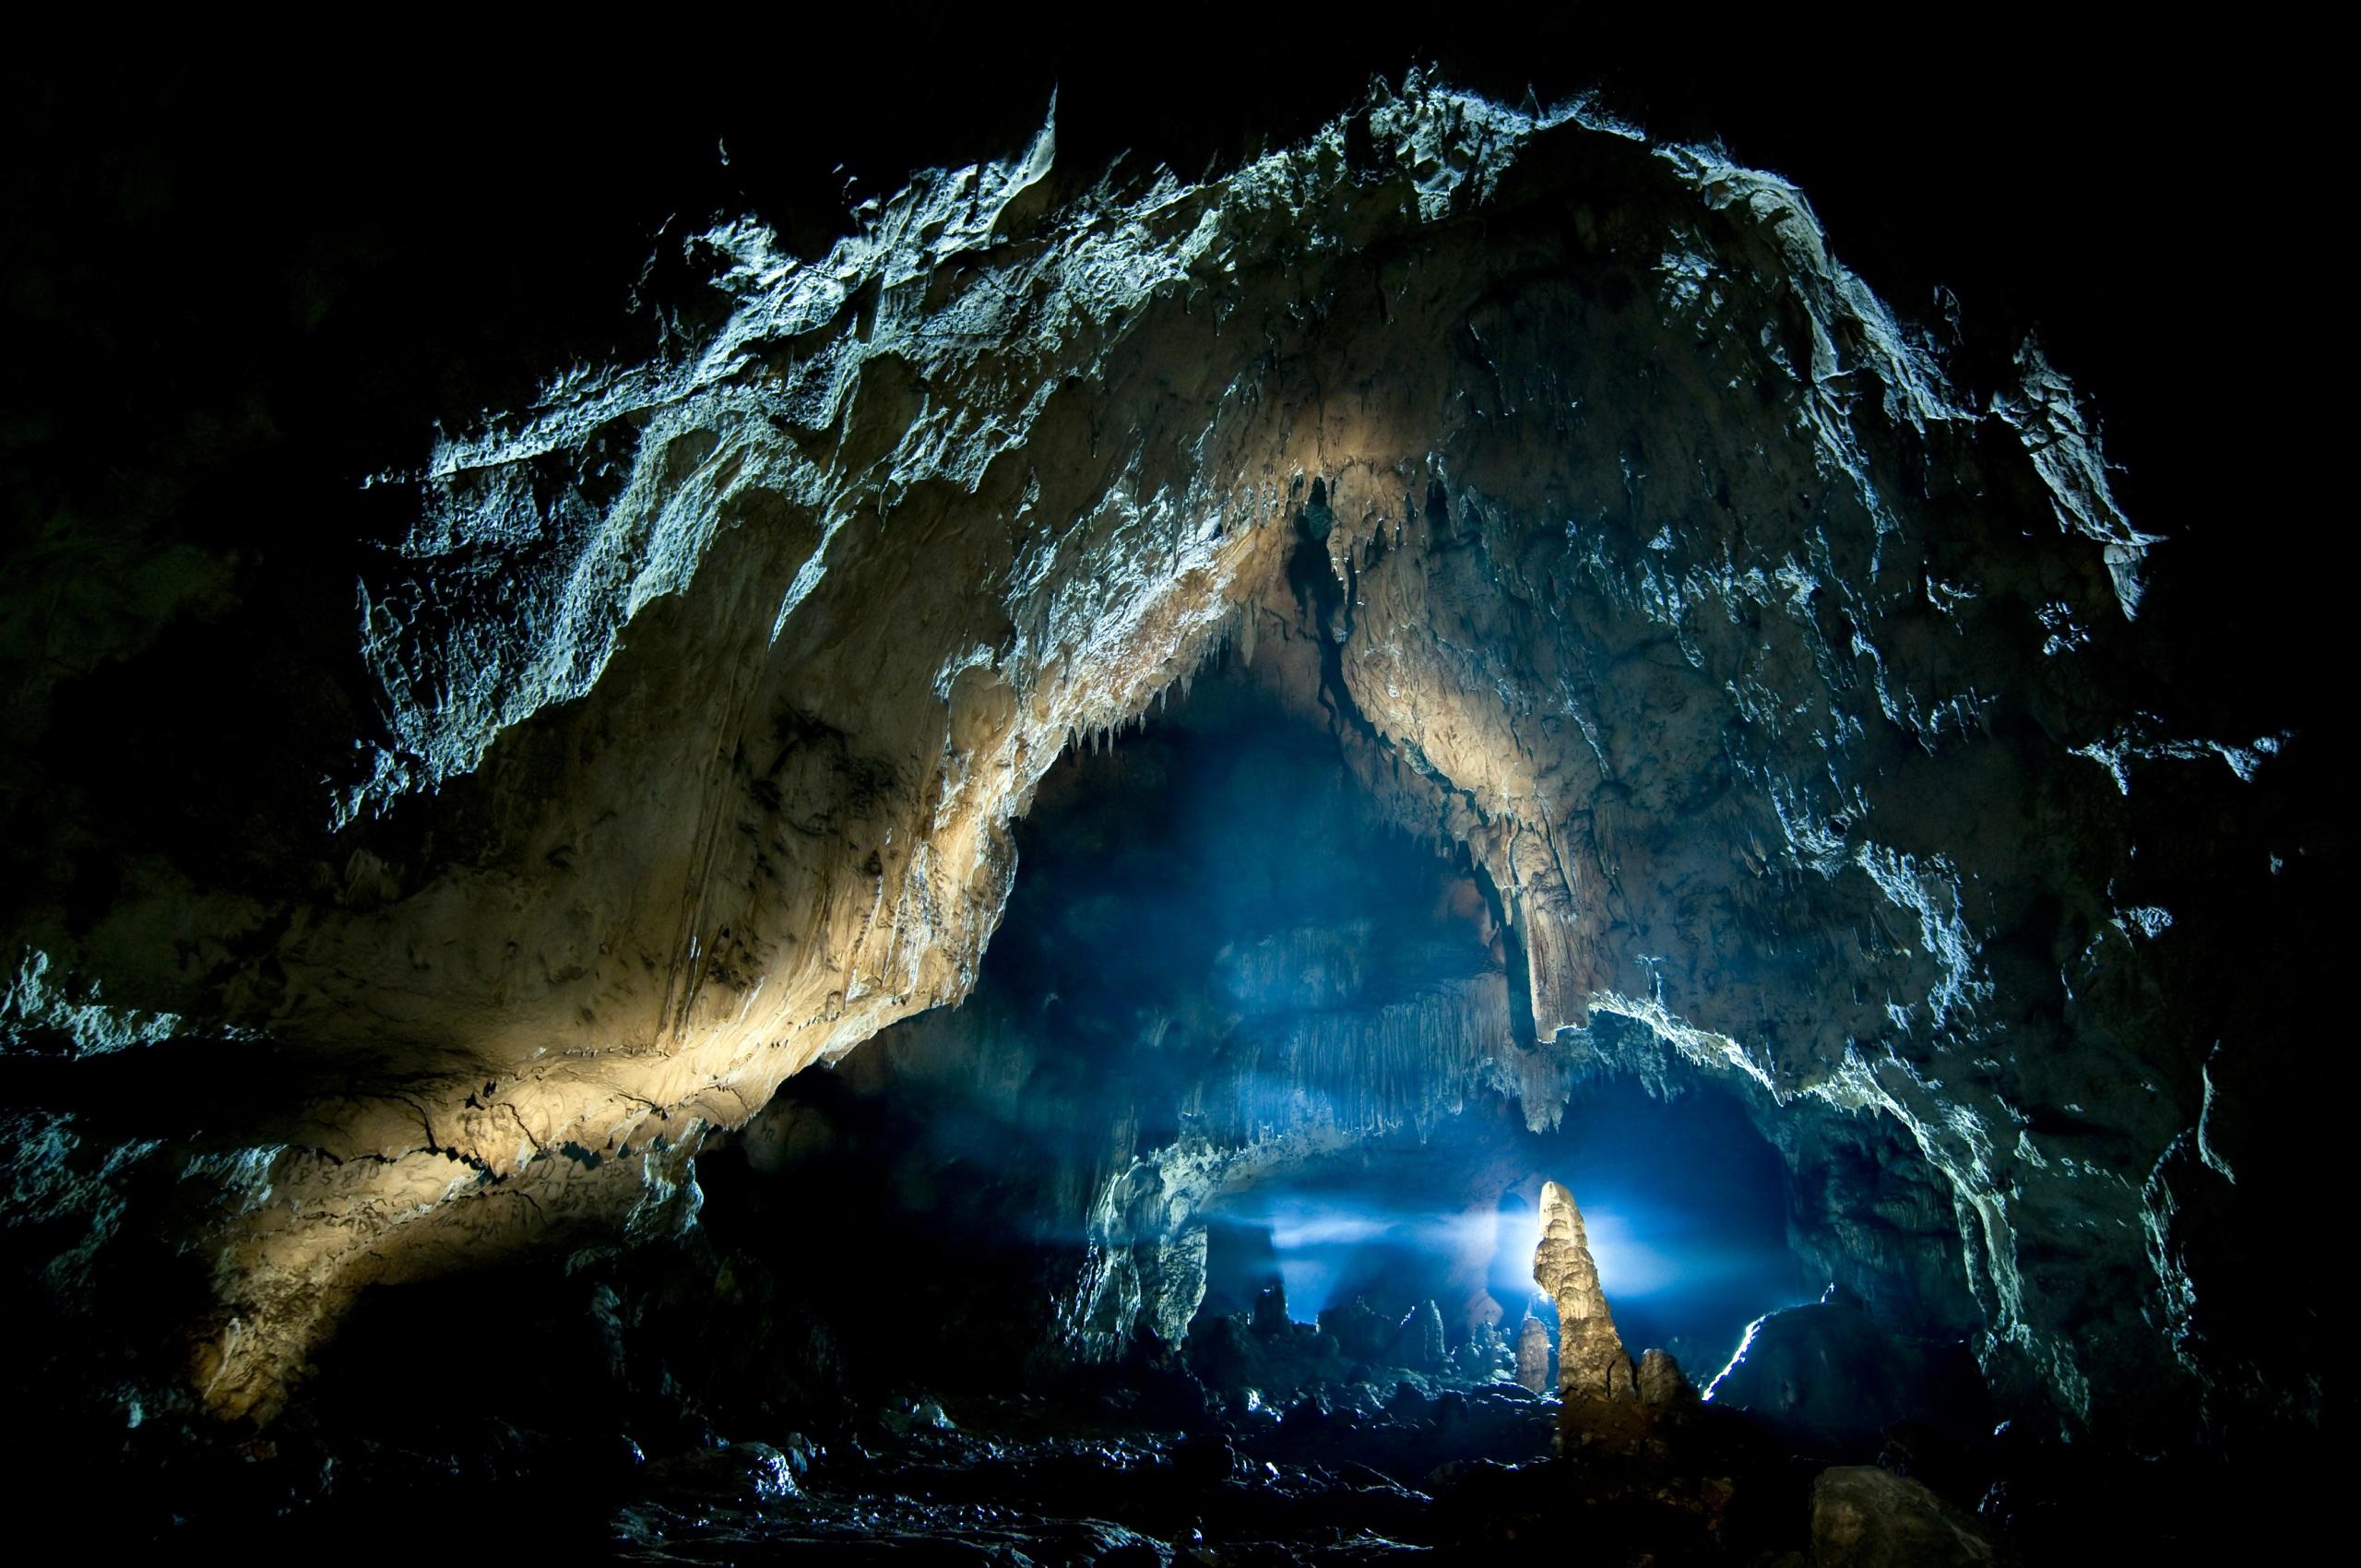 Фото Скала Пещера Природа 2560x1700 Утес скалы скале пещере пещеры